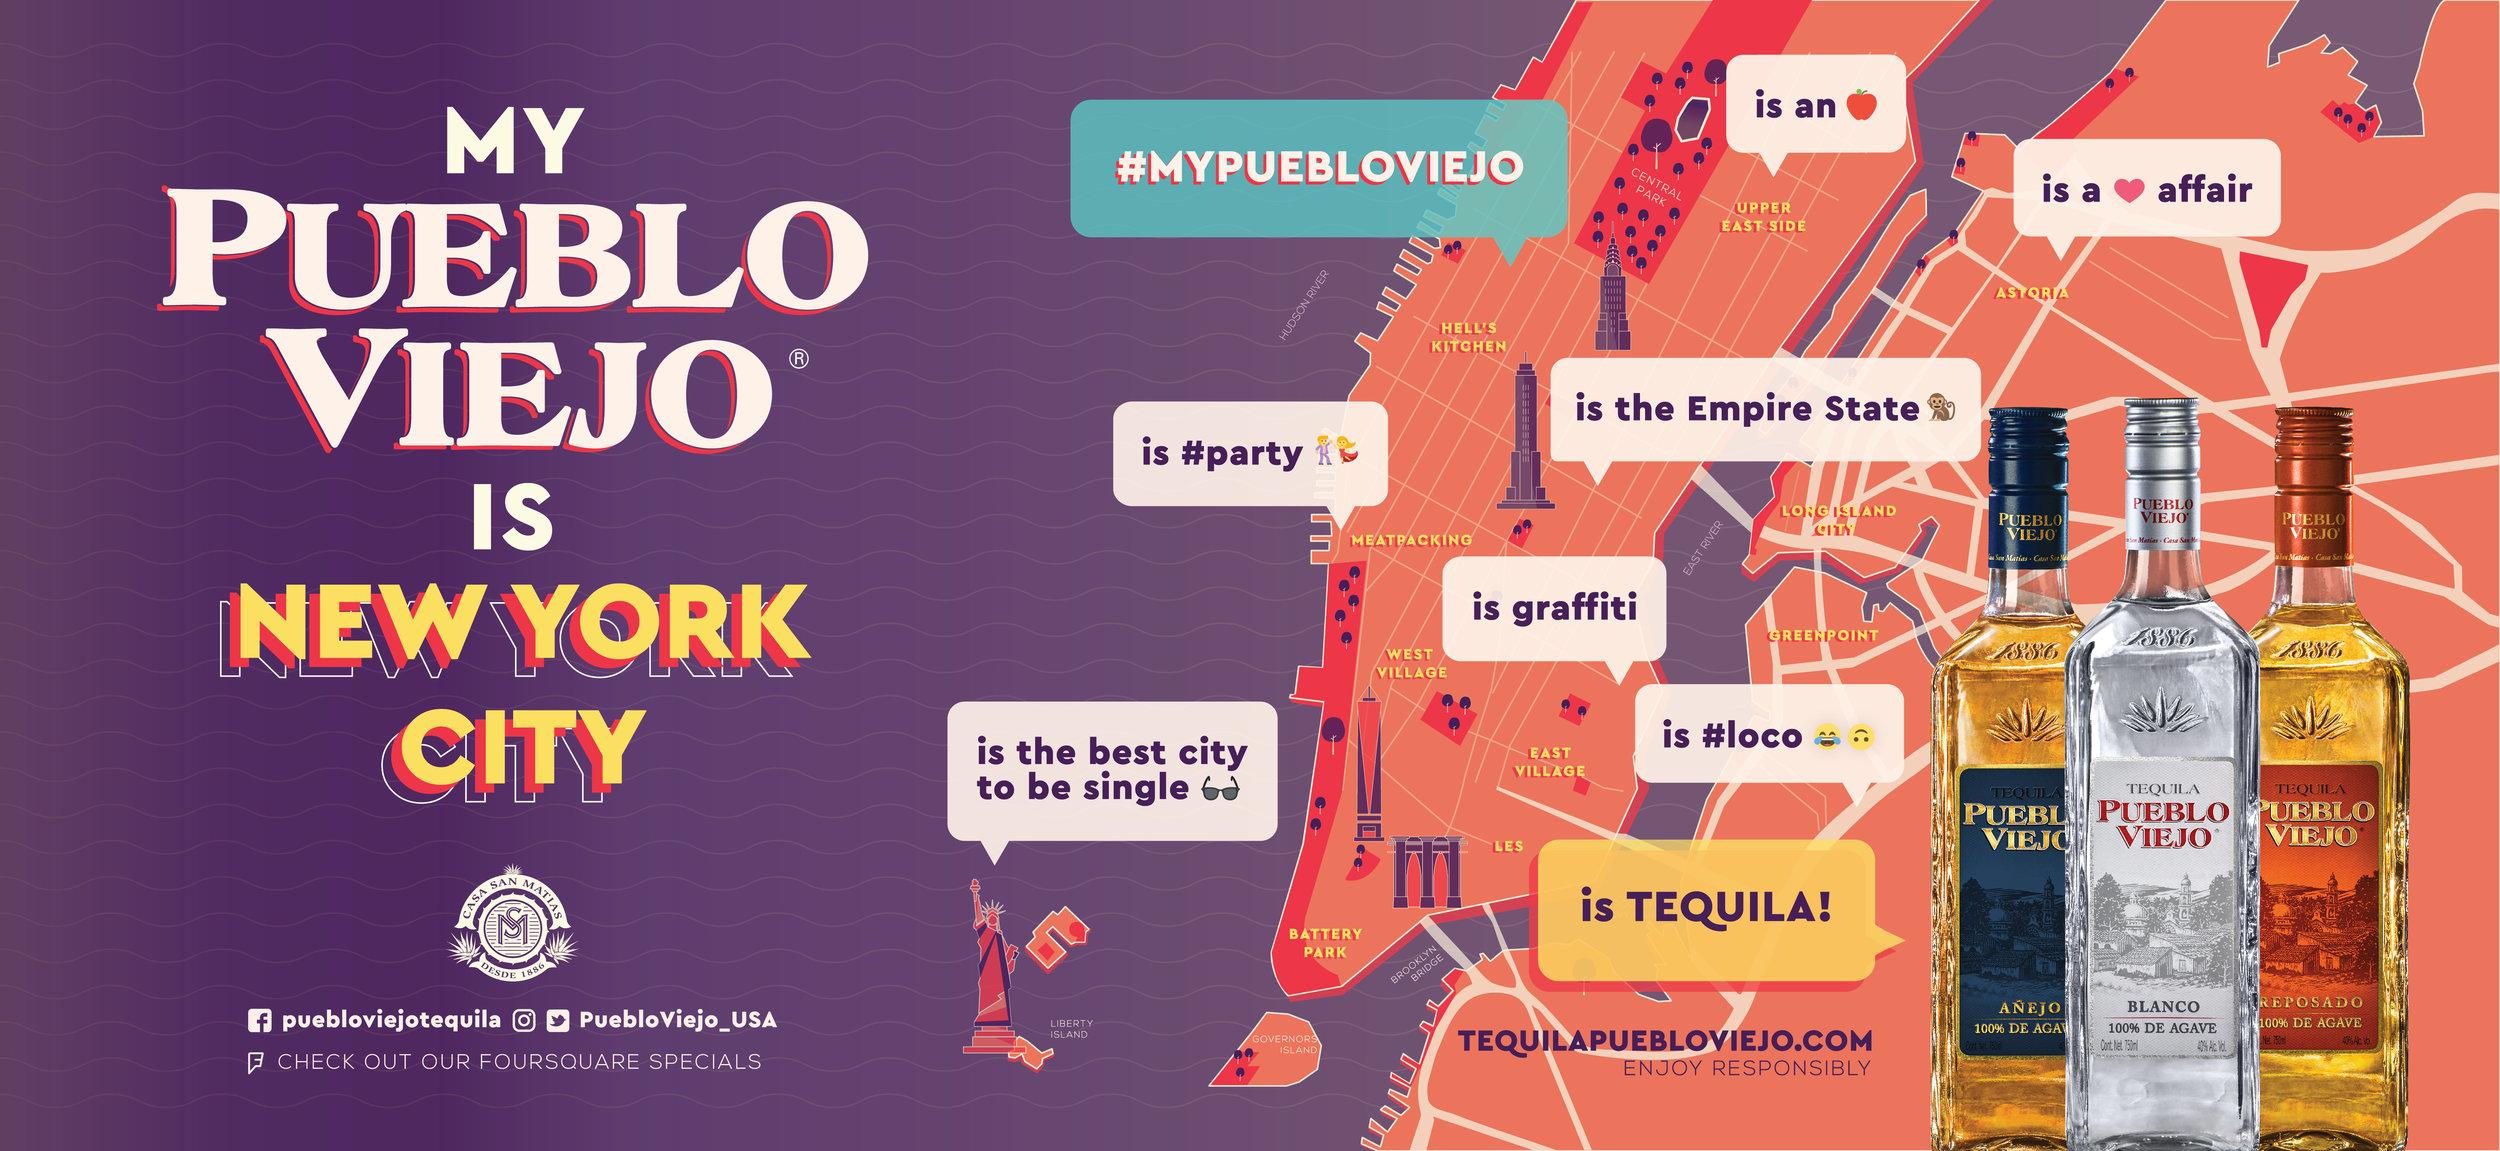 New York_map pueblo viejo tequila